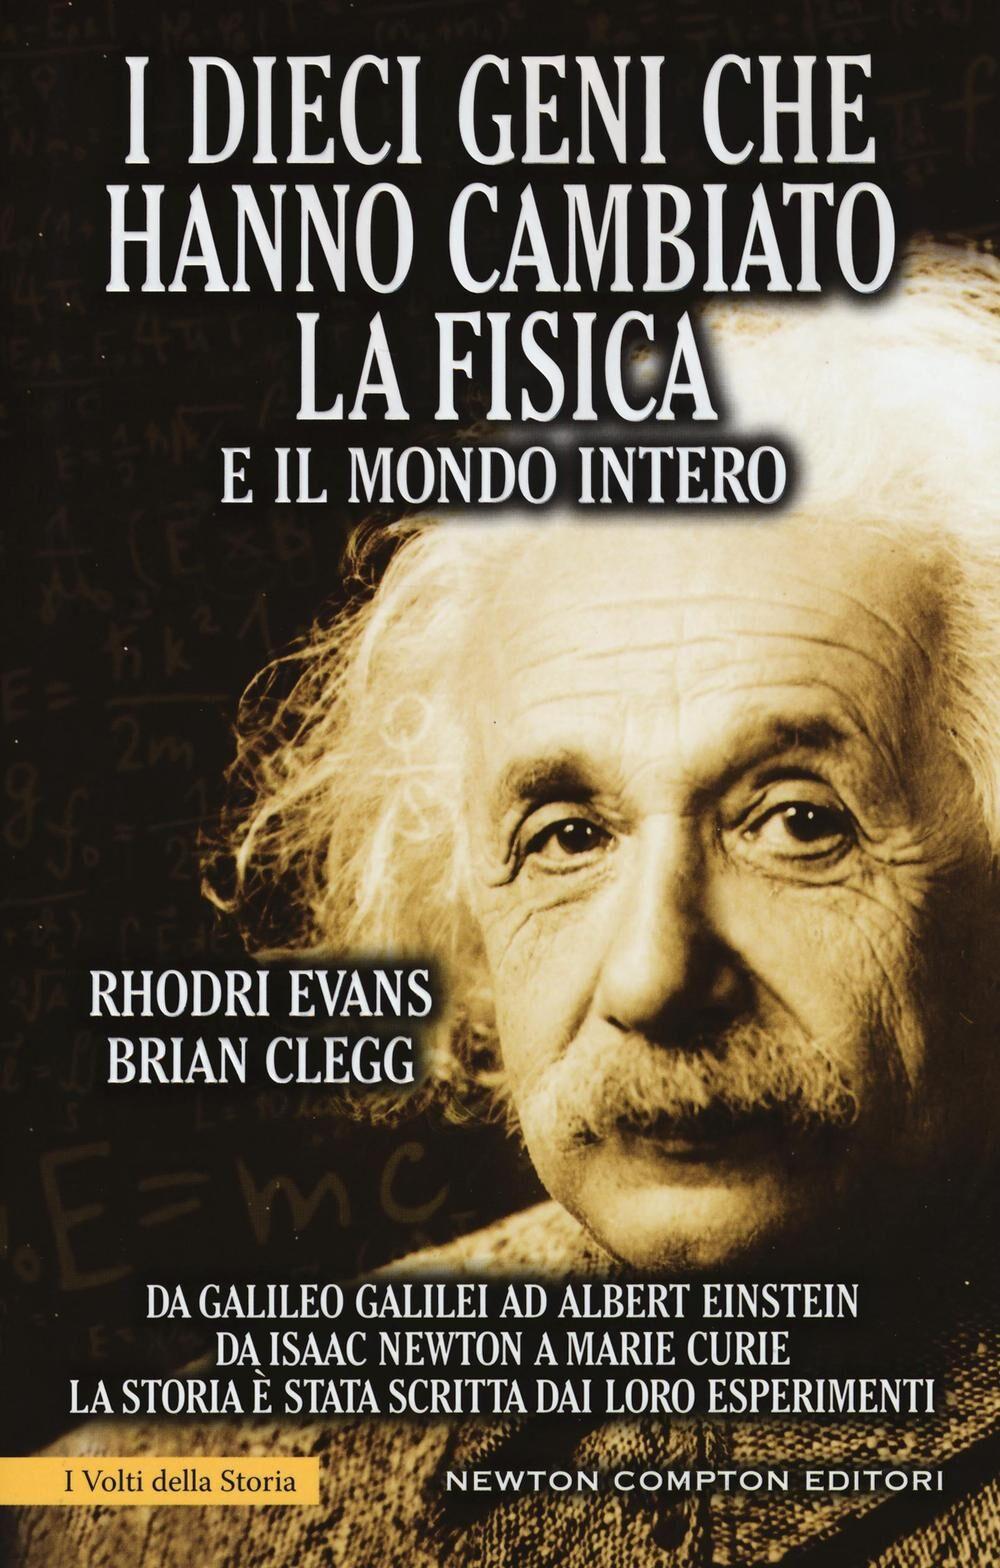 I dieci geni che hanno cambiato la fisica e il mondo intero. Da Galileo Galilei ad Albert Einstein, da Isaac Newton a Marie Curie...